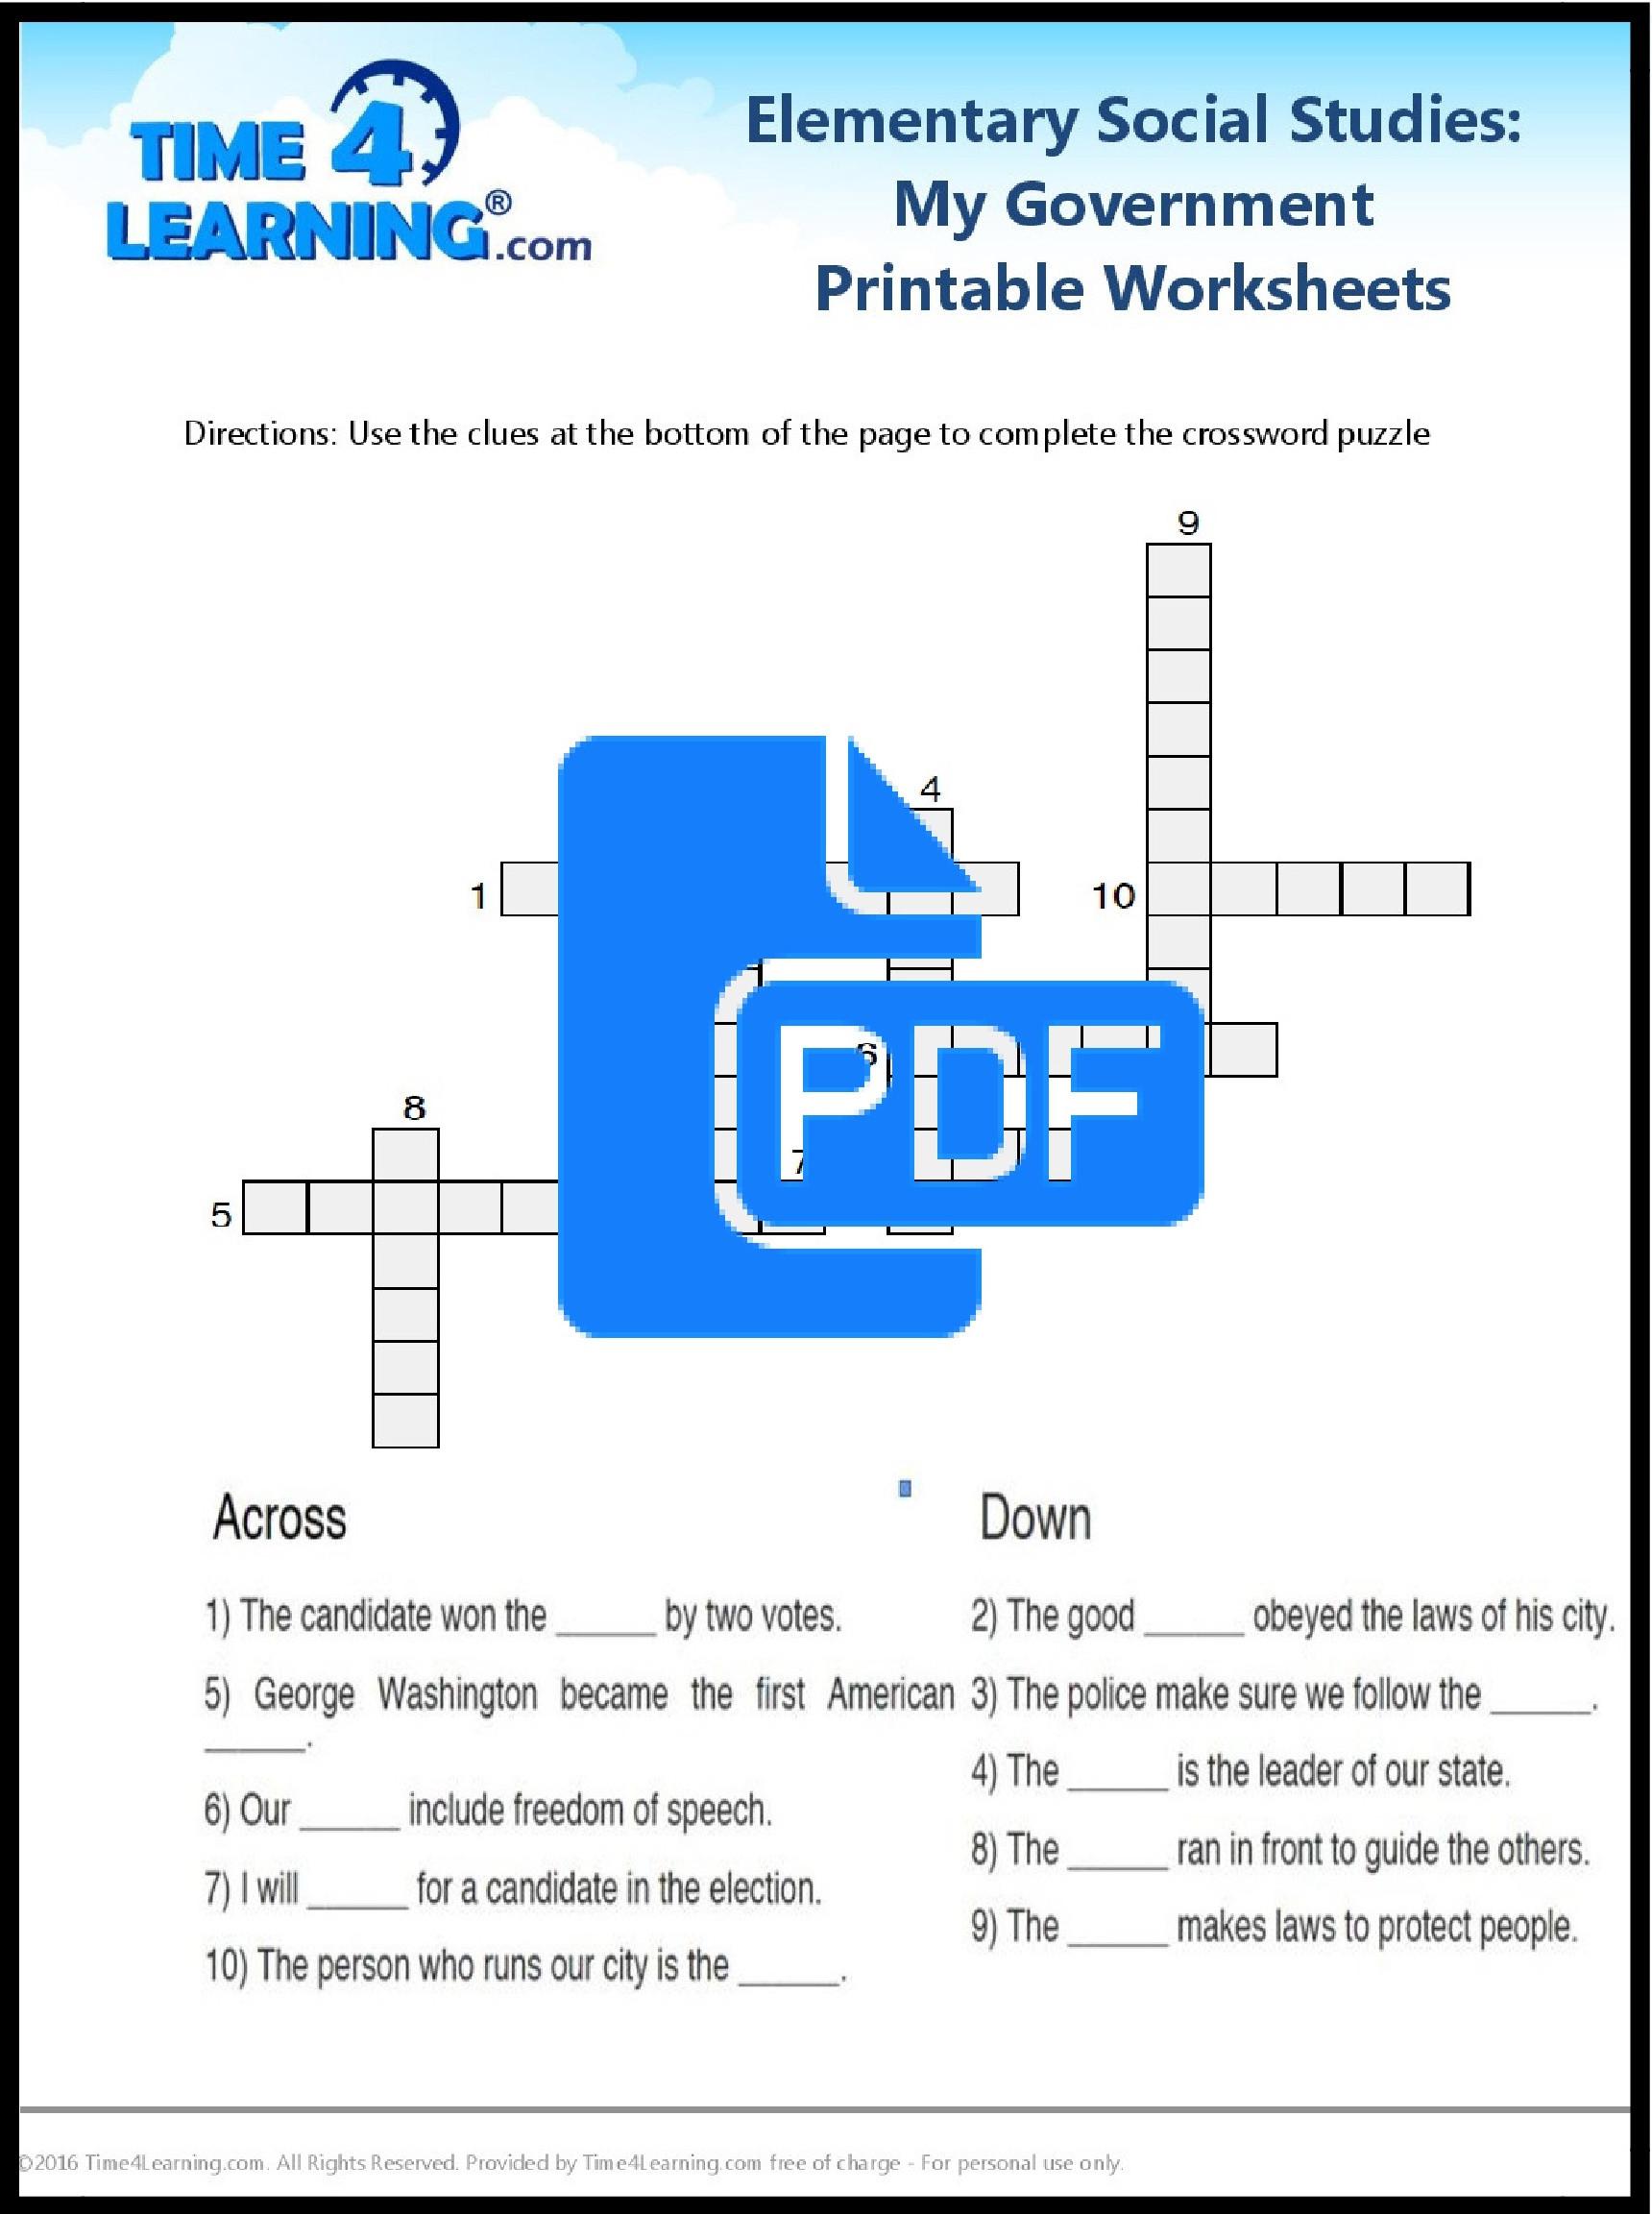 Social Studies Worksheets 2nd Grade Free Printable Elementary social Stu S Worksheet